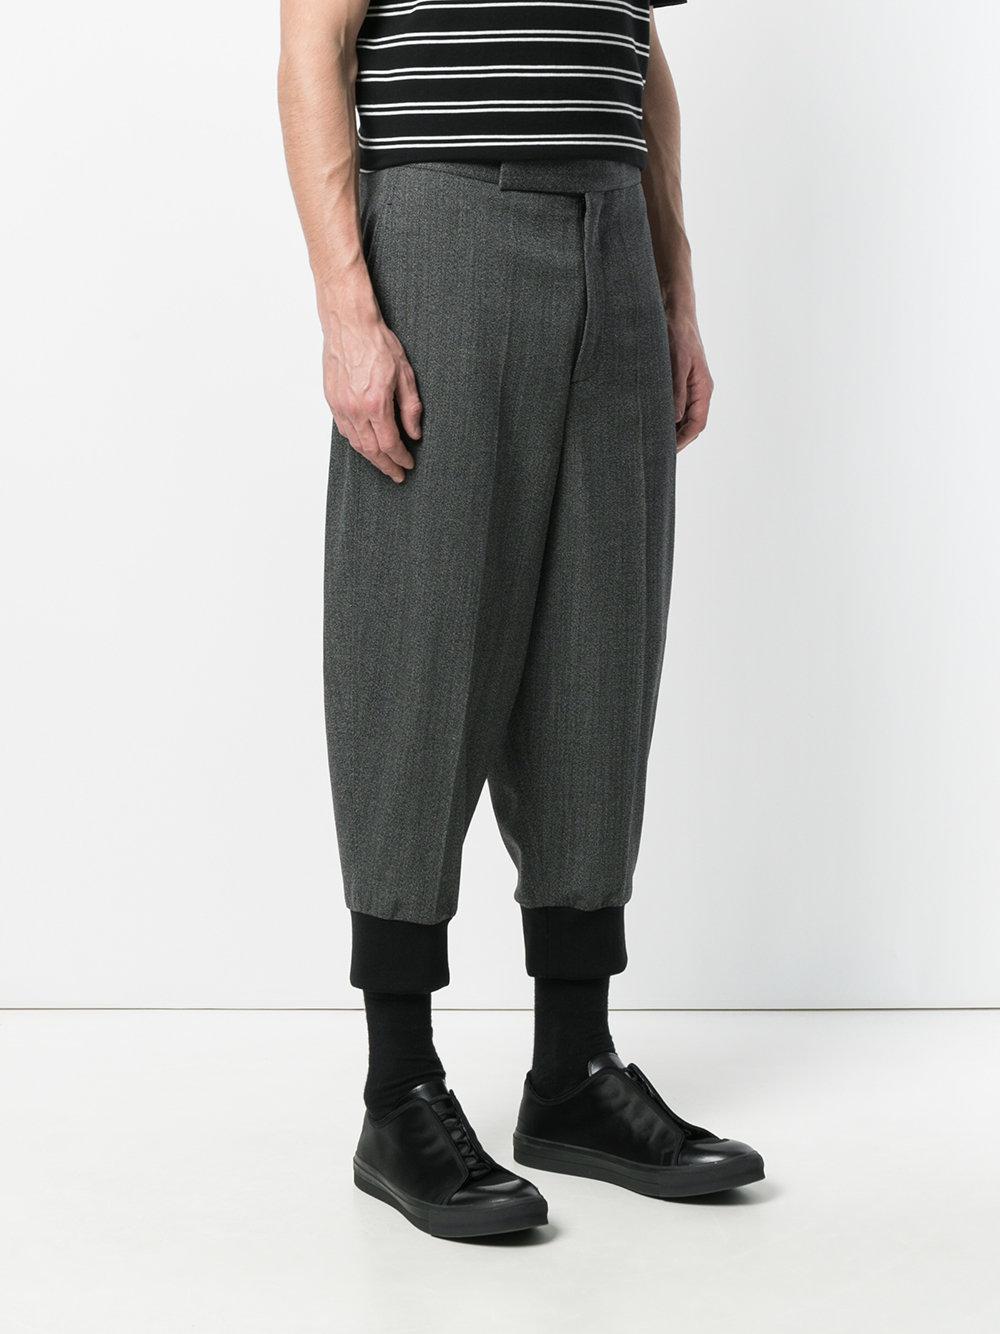 Neil Barrett Wool Herringbone Drop-crotch Trousers in Black for Men